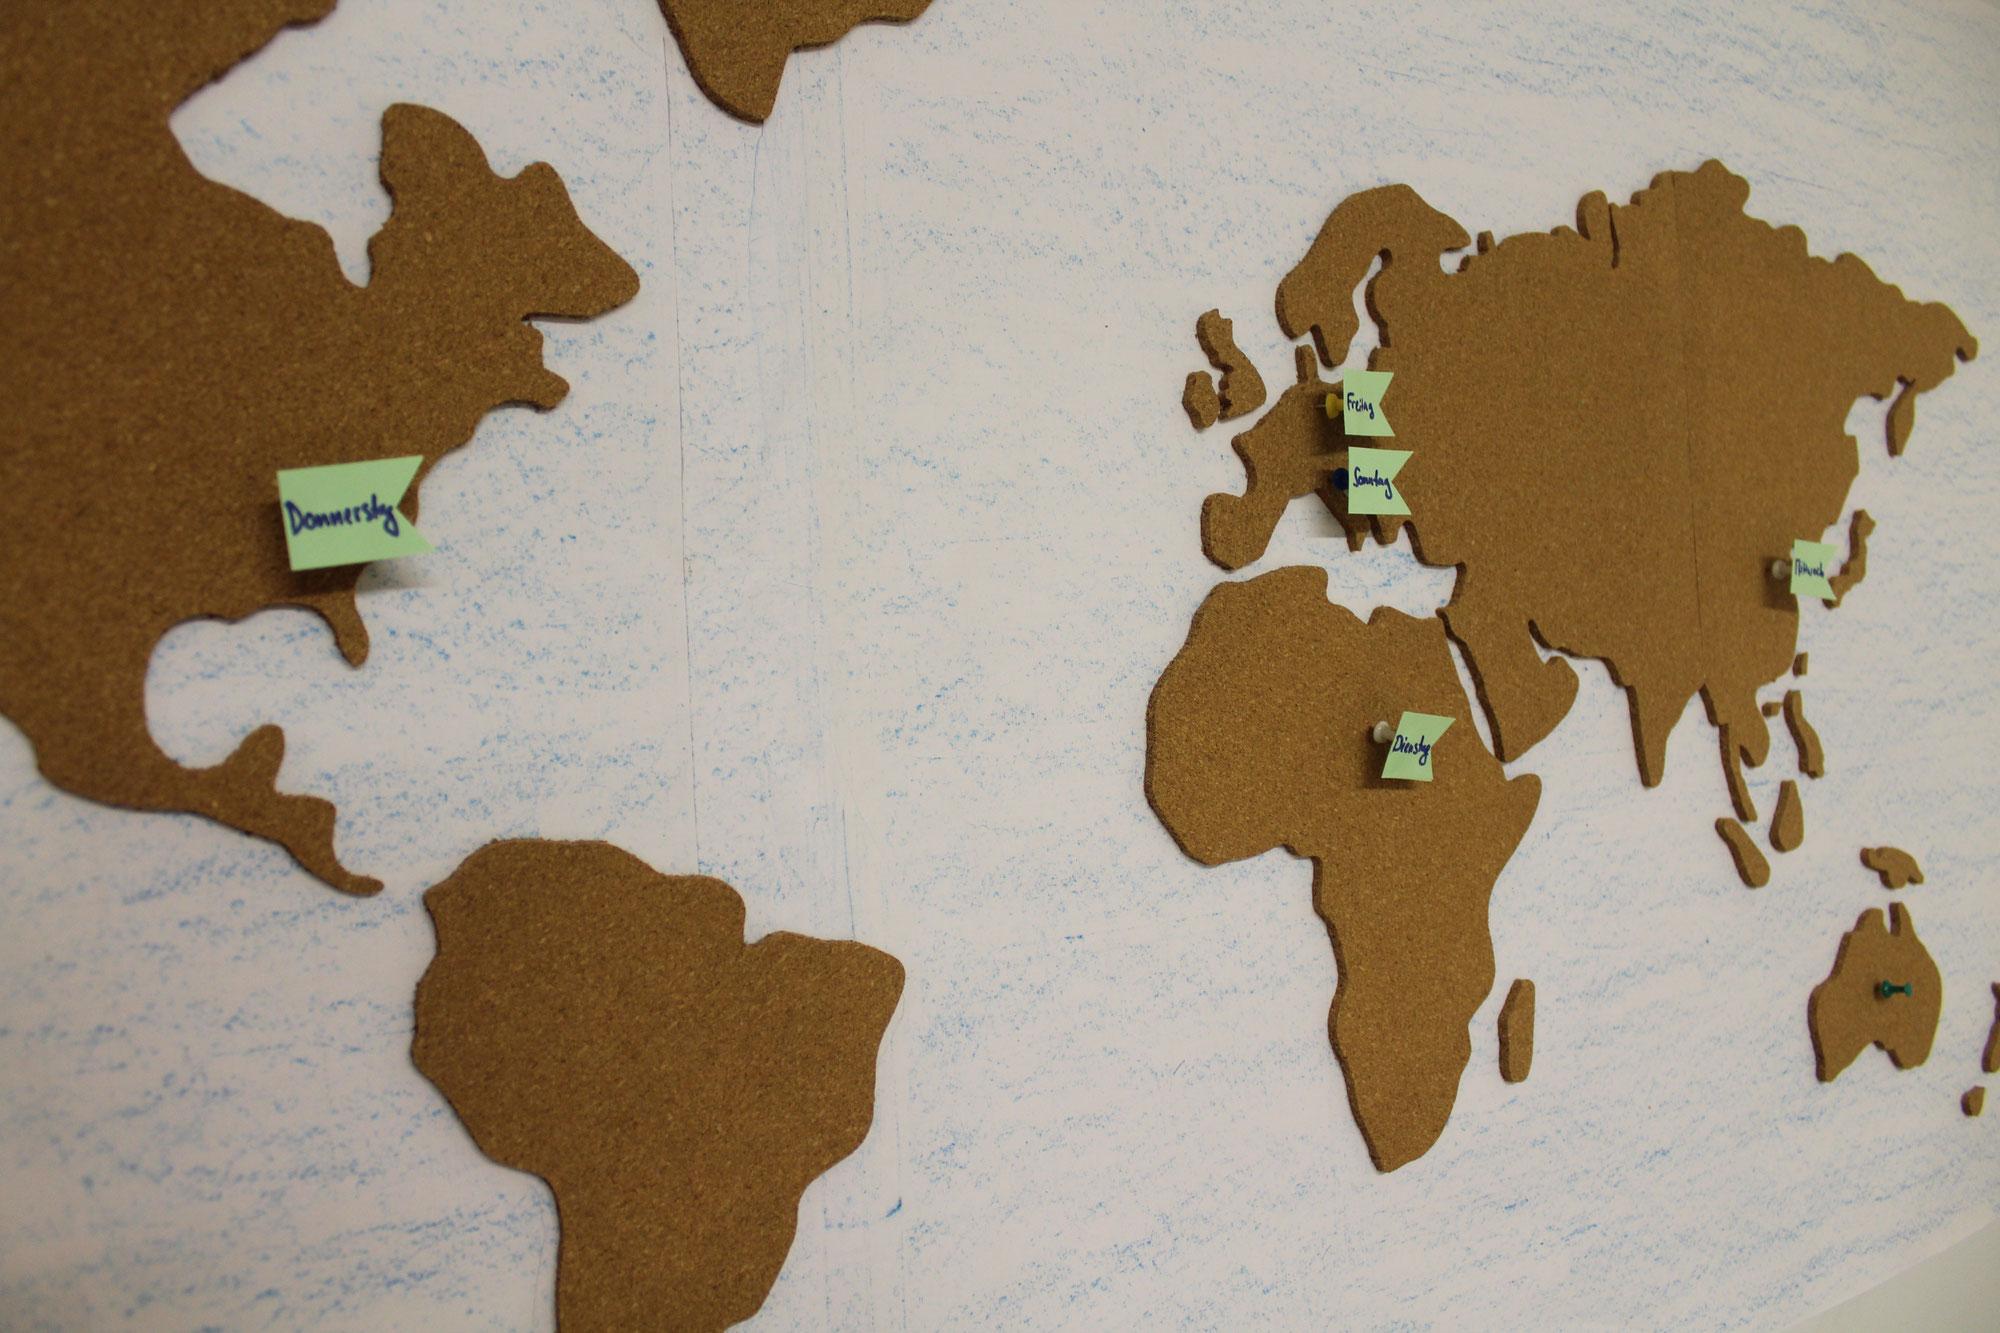 Ferienlager Erlebnis Rund um die Welt - Tag 1 & 2